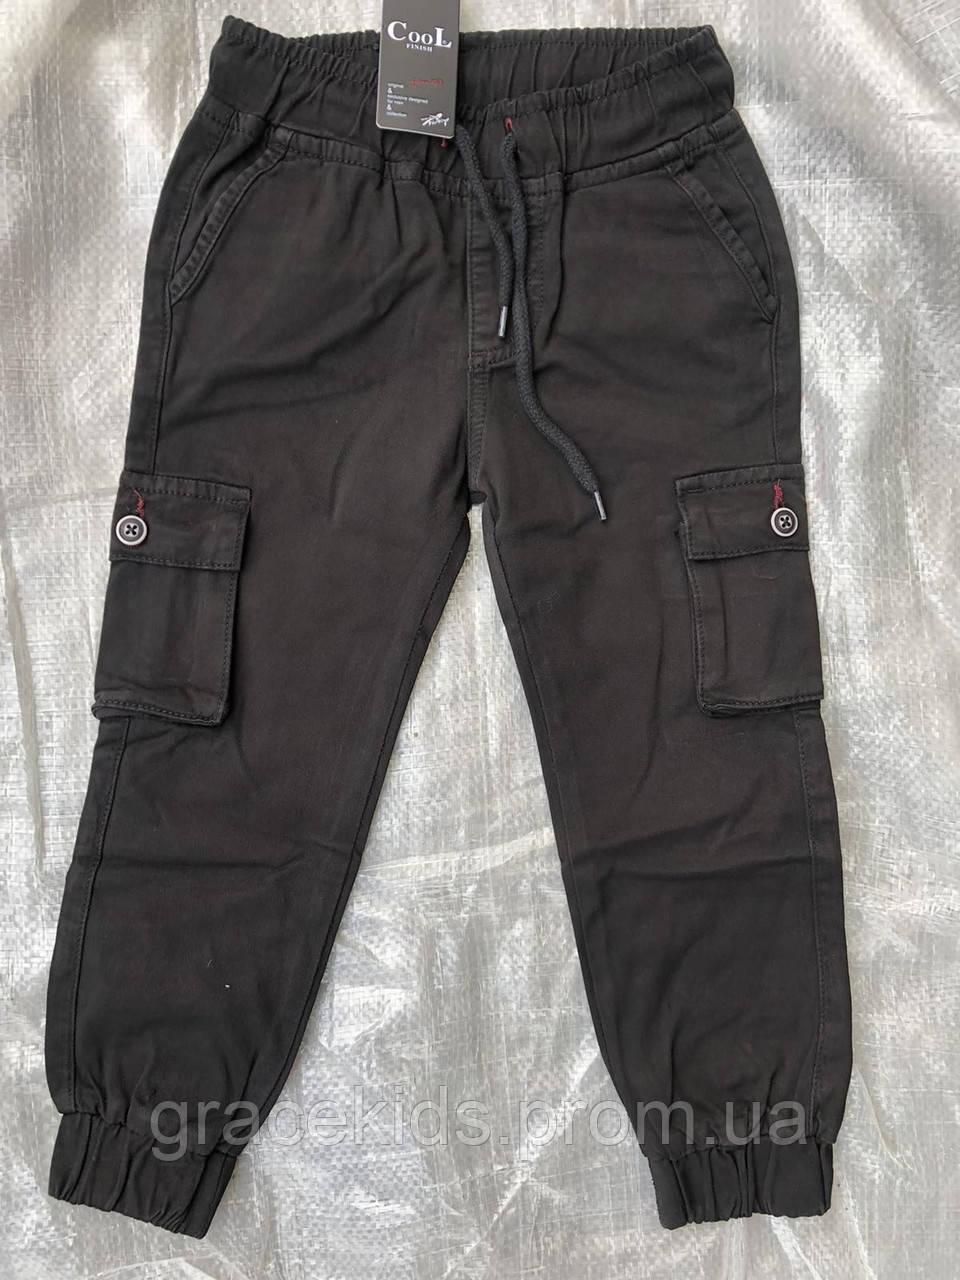 Подростковые черные котоновые джоггеры для мальчиков с карманами,разм 9-14 лет